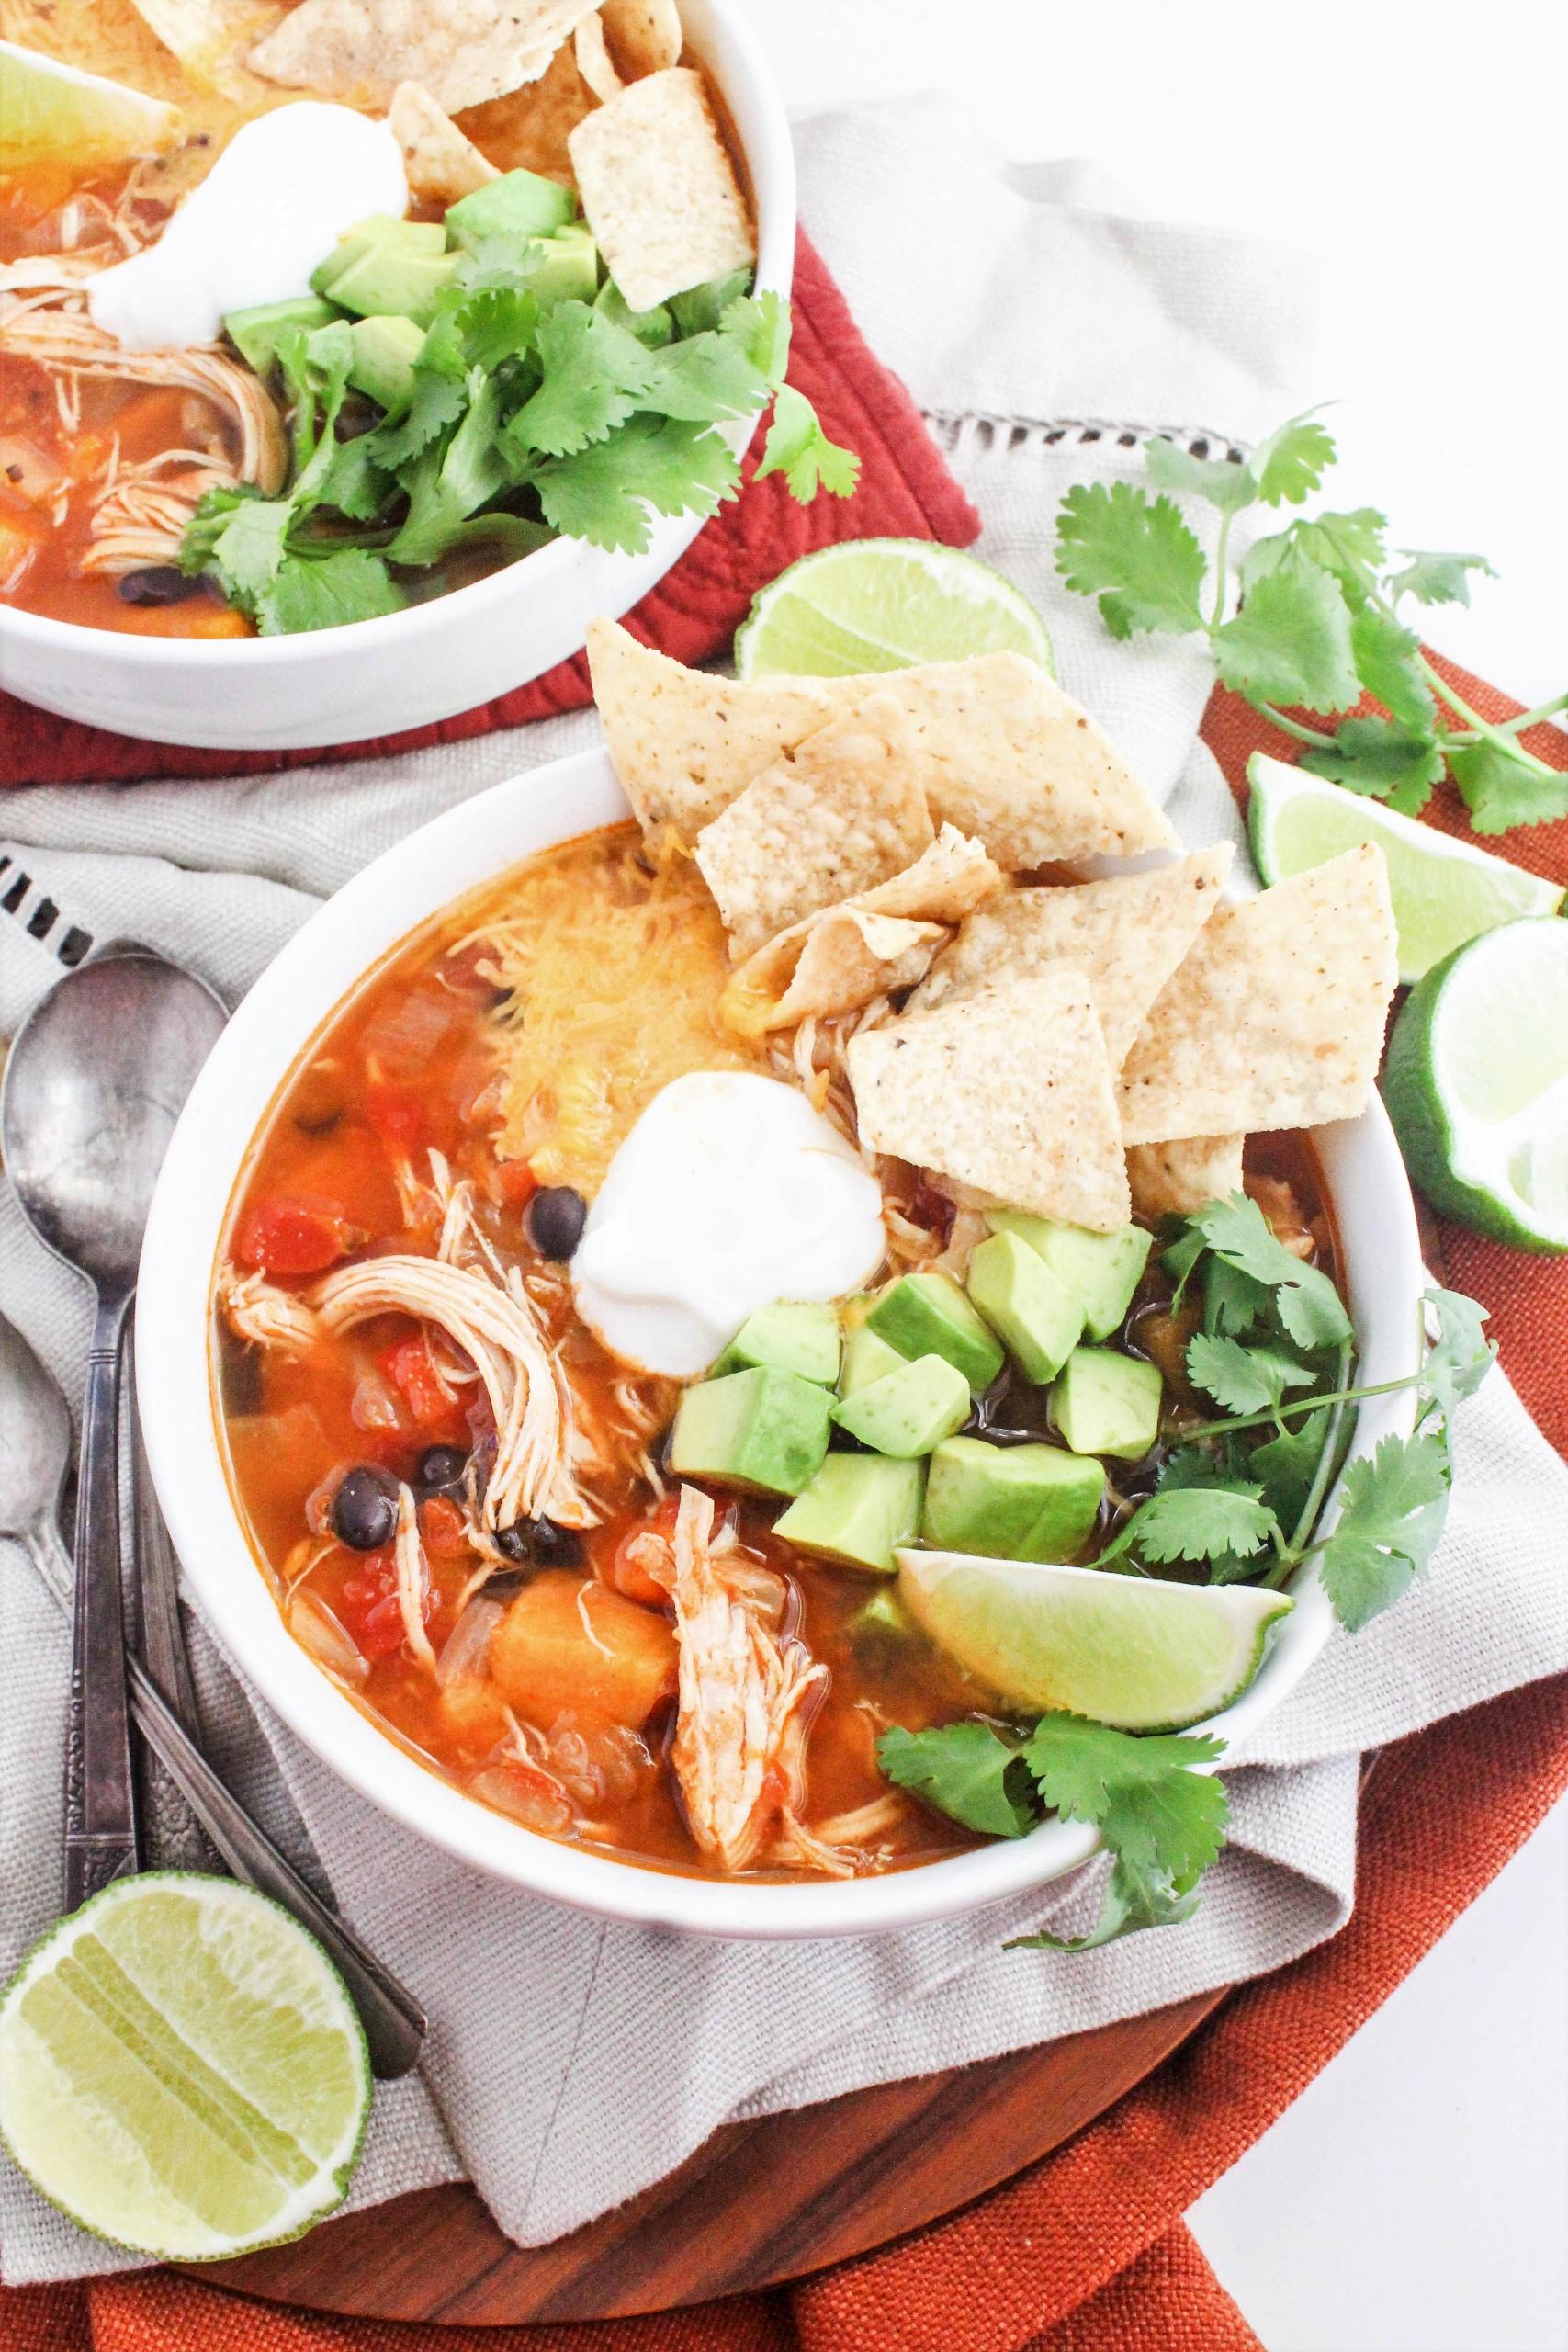 65 Easy Instant Pot + Crockpot Dinner Recipes | Instant Pot Chicken Tortilla Soup Recipe